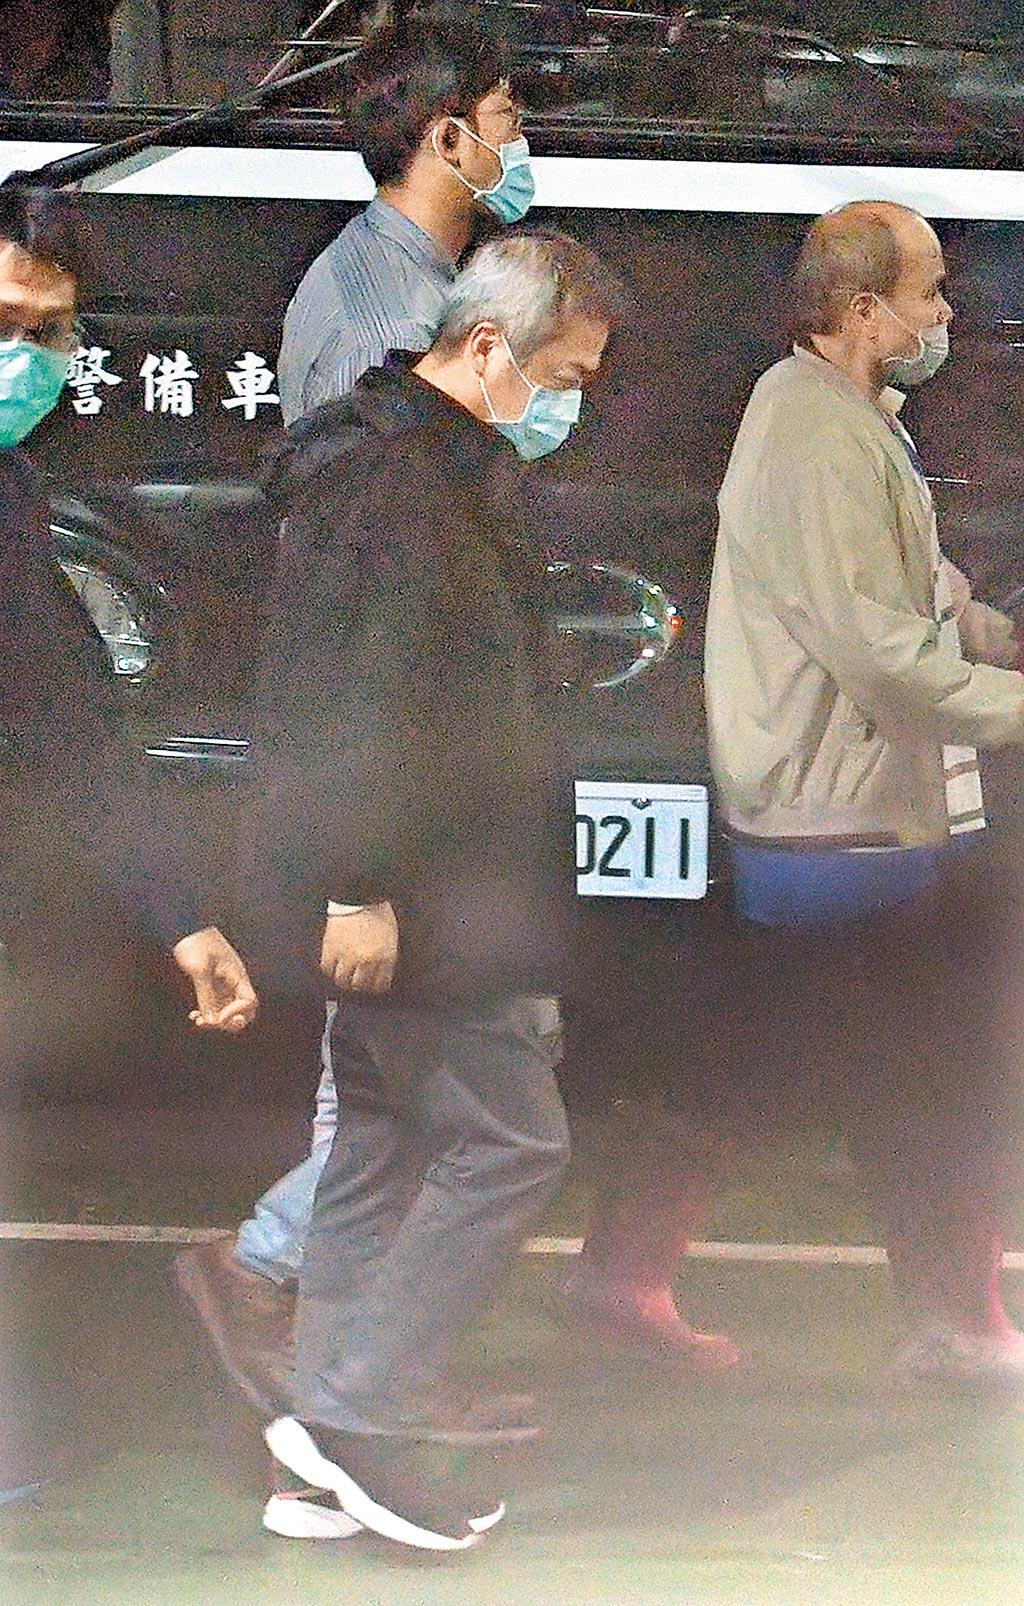 遠航董事長張綱維(中)涉掏空案,台北地檢署30日依詐欺等罪嫌將他提起公訴,並移審台北地院。(本報資料照片)